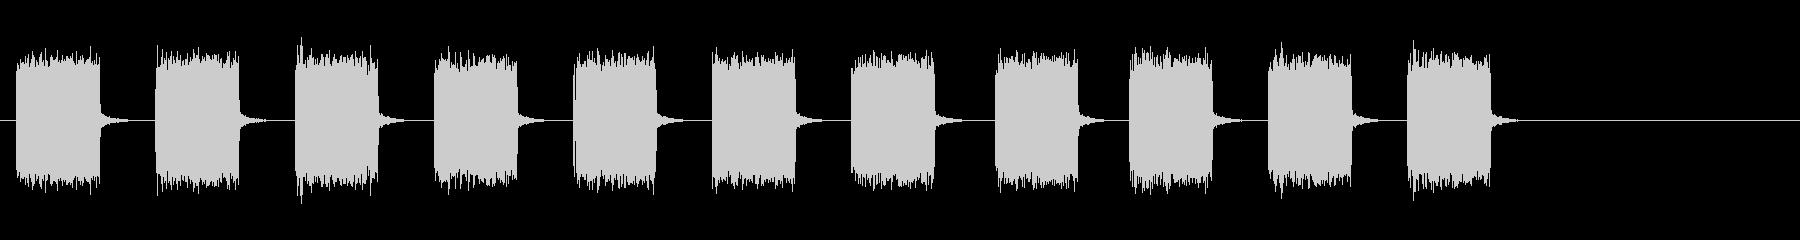 工場のブザー音の未再生の波形